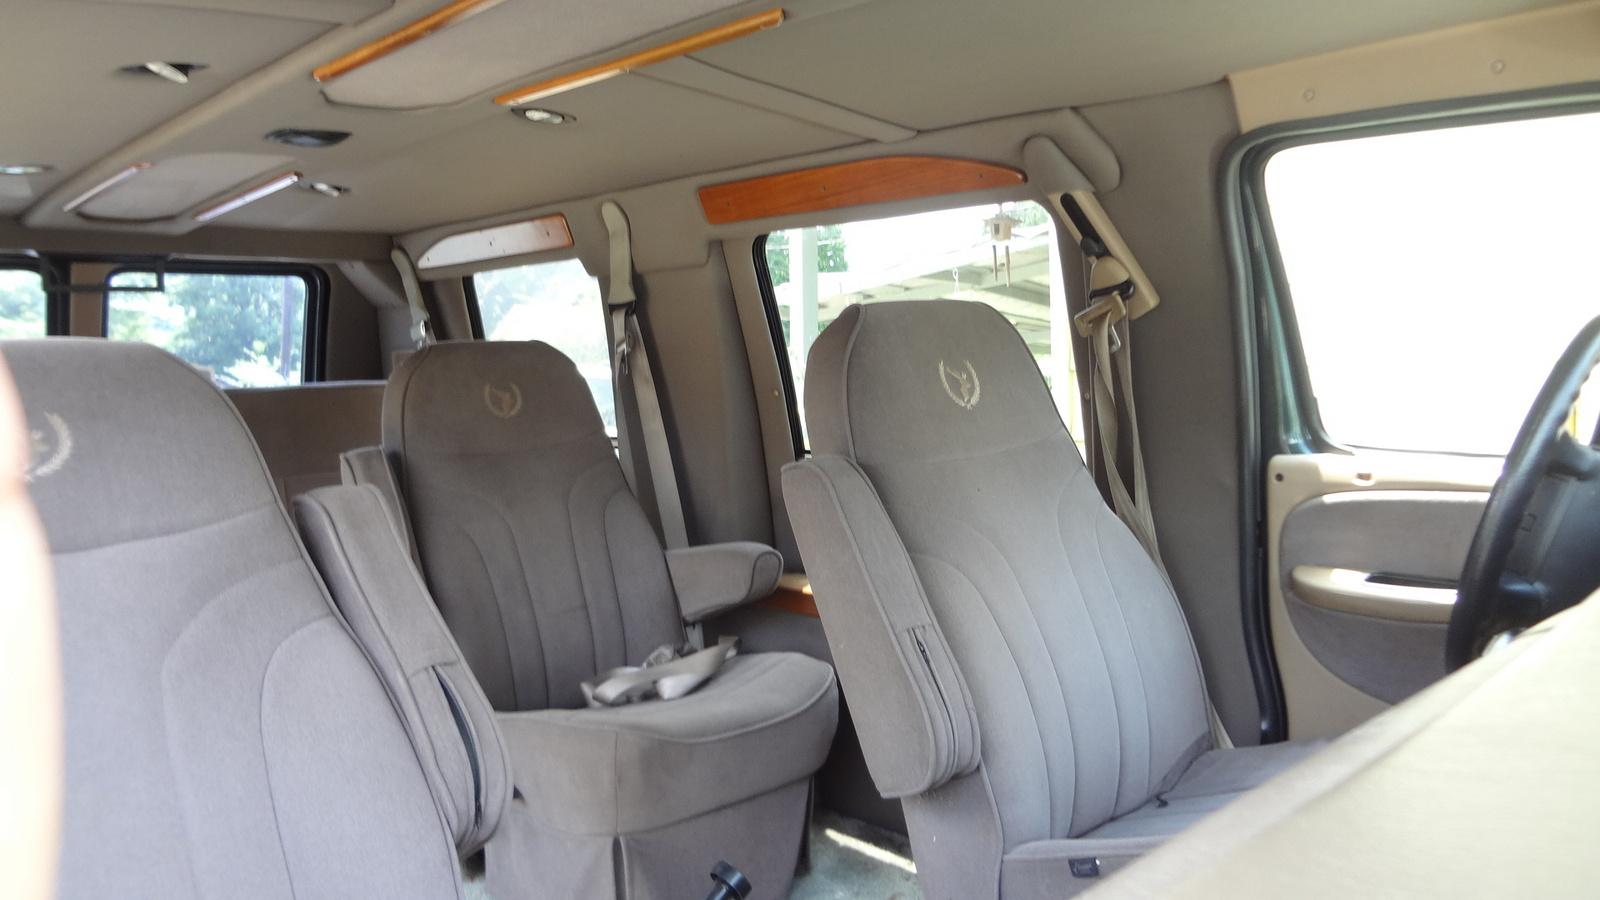 Dodge Ram Van Dr Cargo Van Pic on 1997 Dodge Ram 1500 Interior